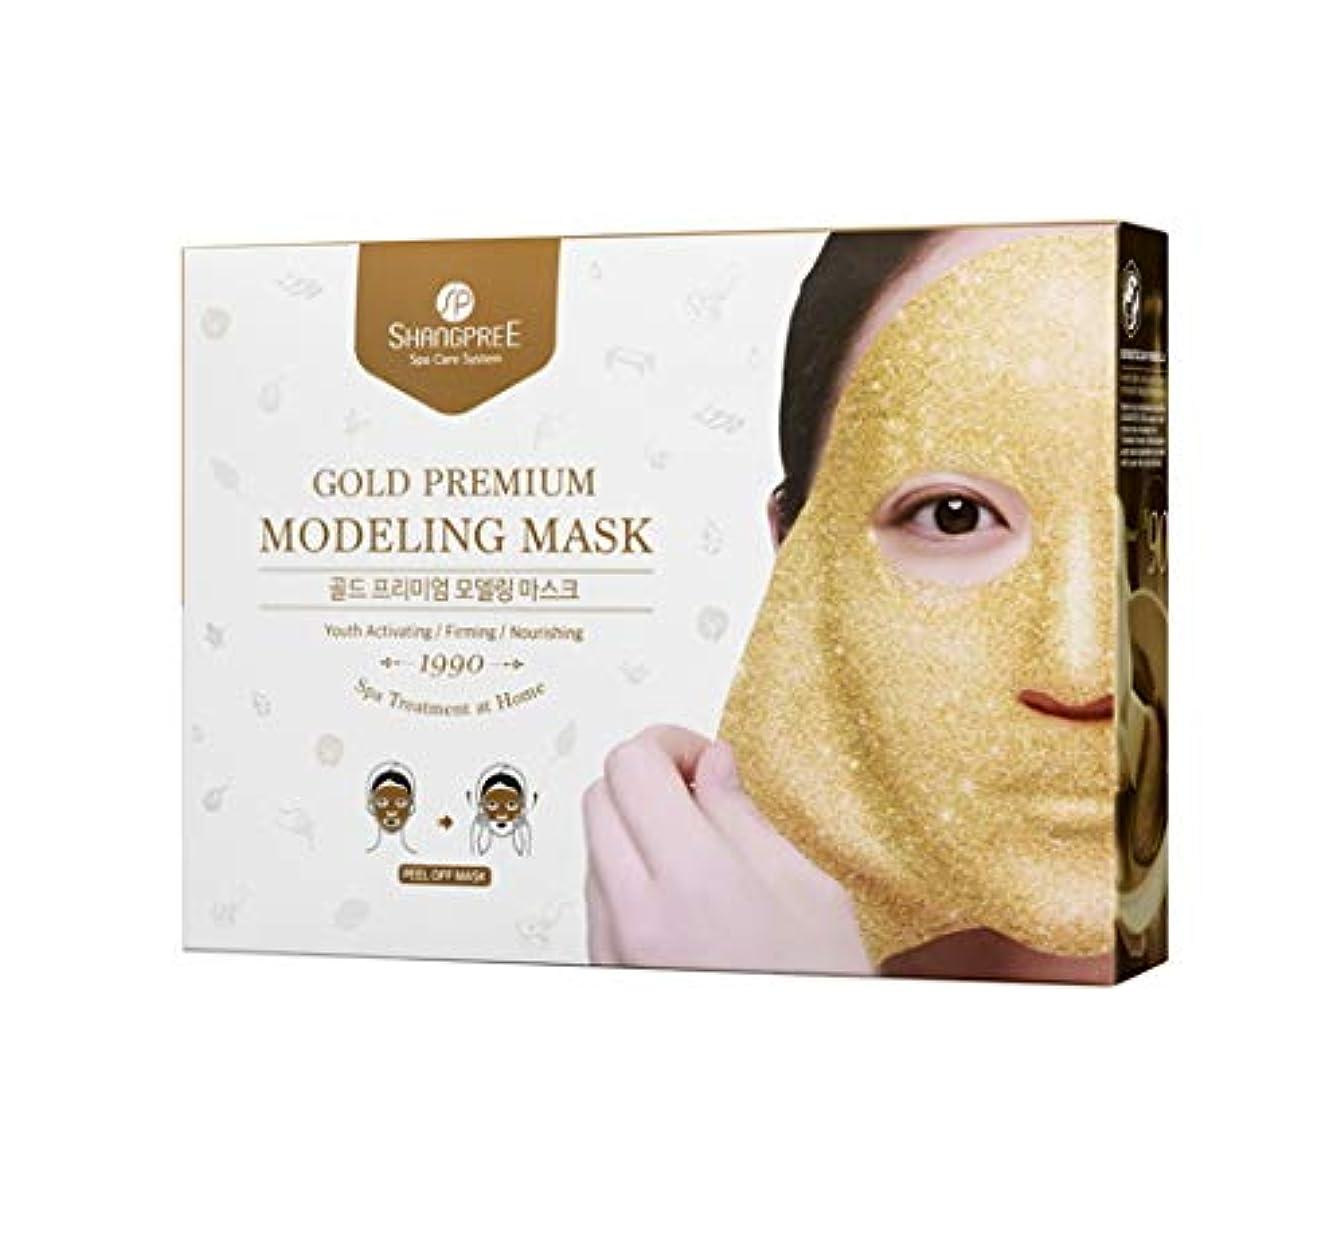 契約祖先アルコーブShangpree プレミアムゴールドモデリングマスク 5枚 gold premium modeling mask 5ea (並行輸入品)